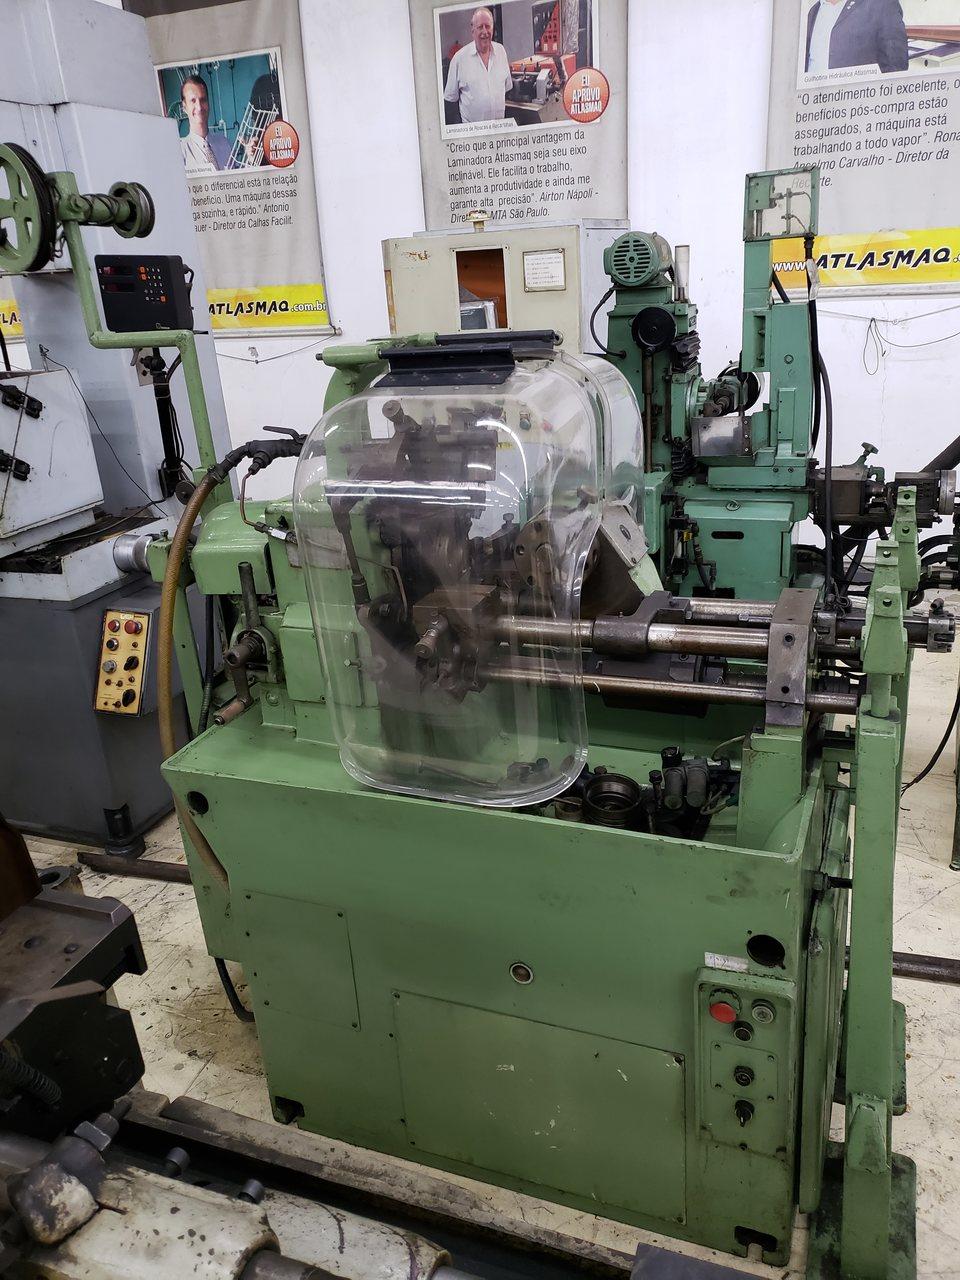 Torno Automatico Camporesi RA-60, Capacidade diâmetro 60mm, Alimentador de barras, Com capas de acrílico - 220V - Super Conservado (Usado)  - Atlasmaq